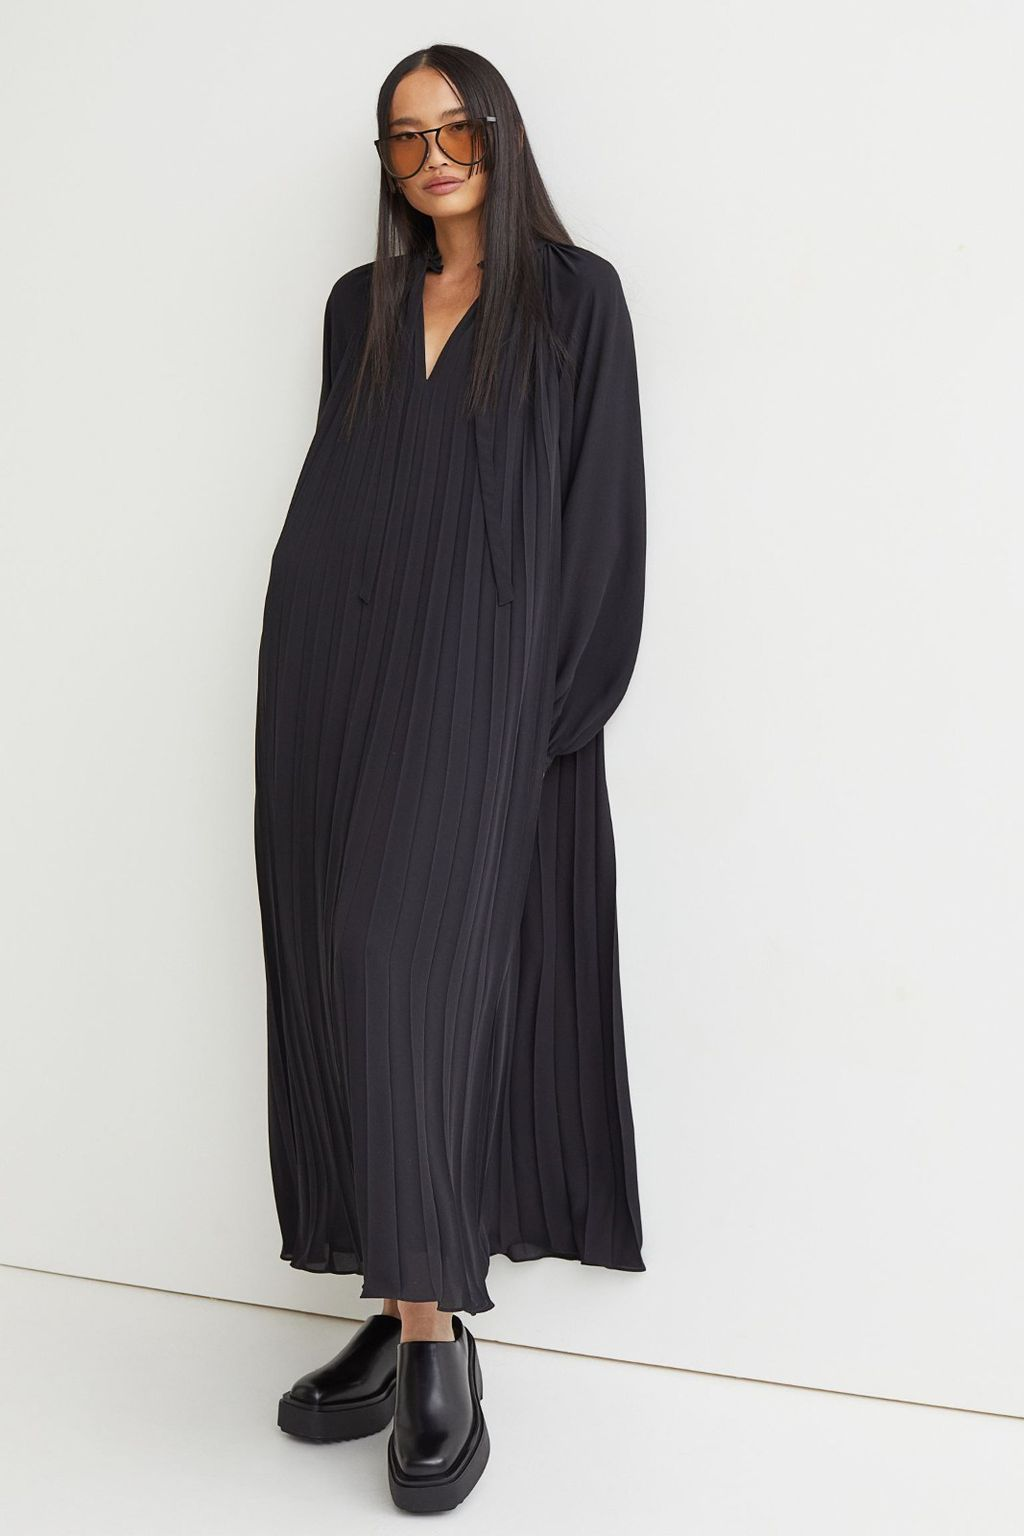 Maksi haljine do XXL veličine iz trgovina - jesen 2021. - 8